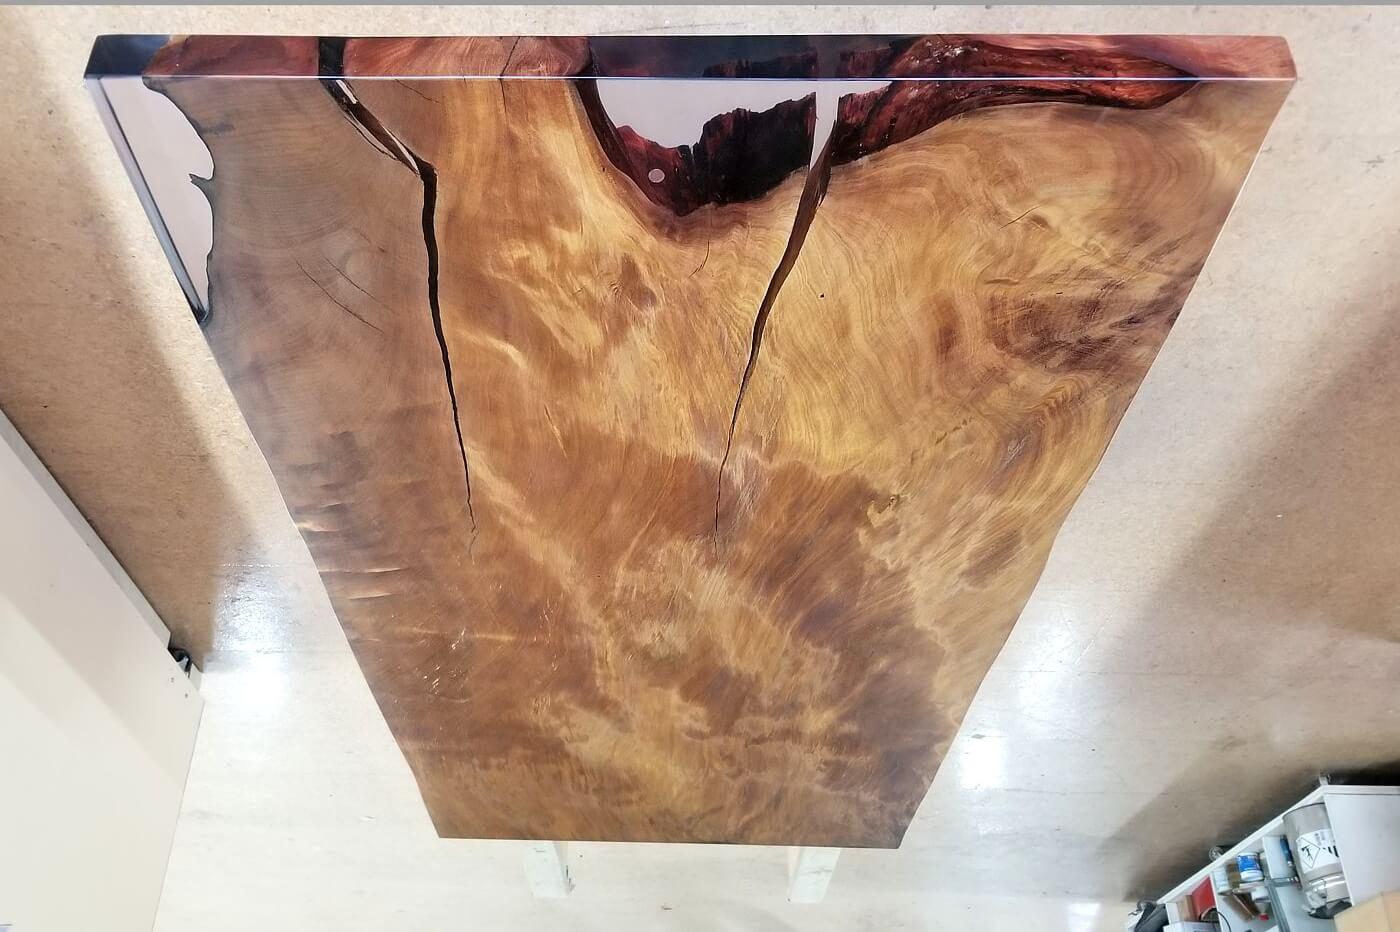 Kauri Holztisch mit einem Pfennig als Einlage im Epoxidharz